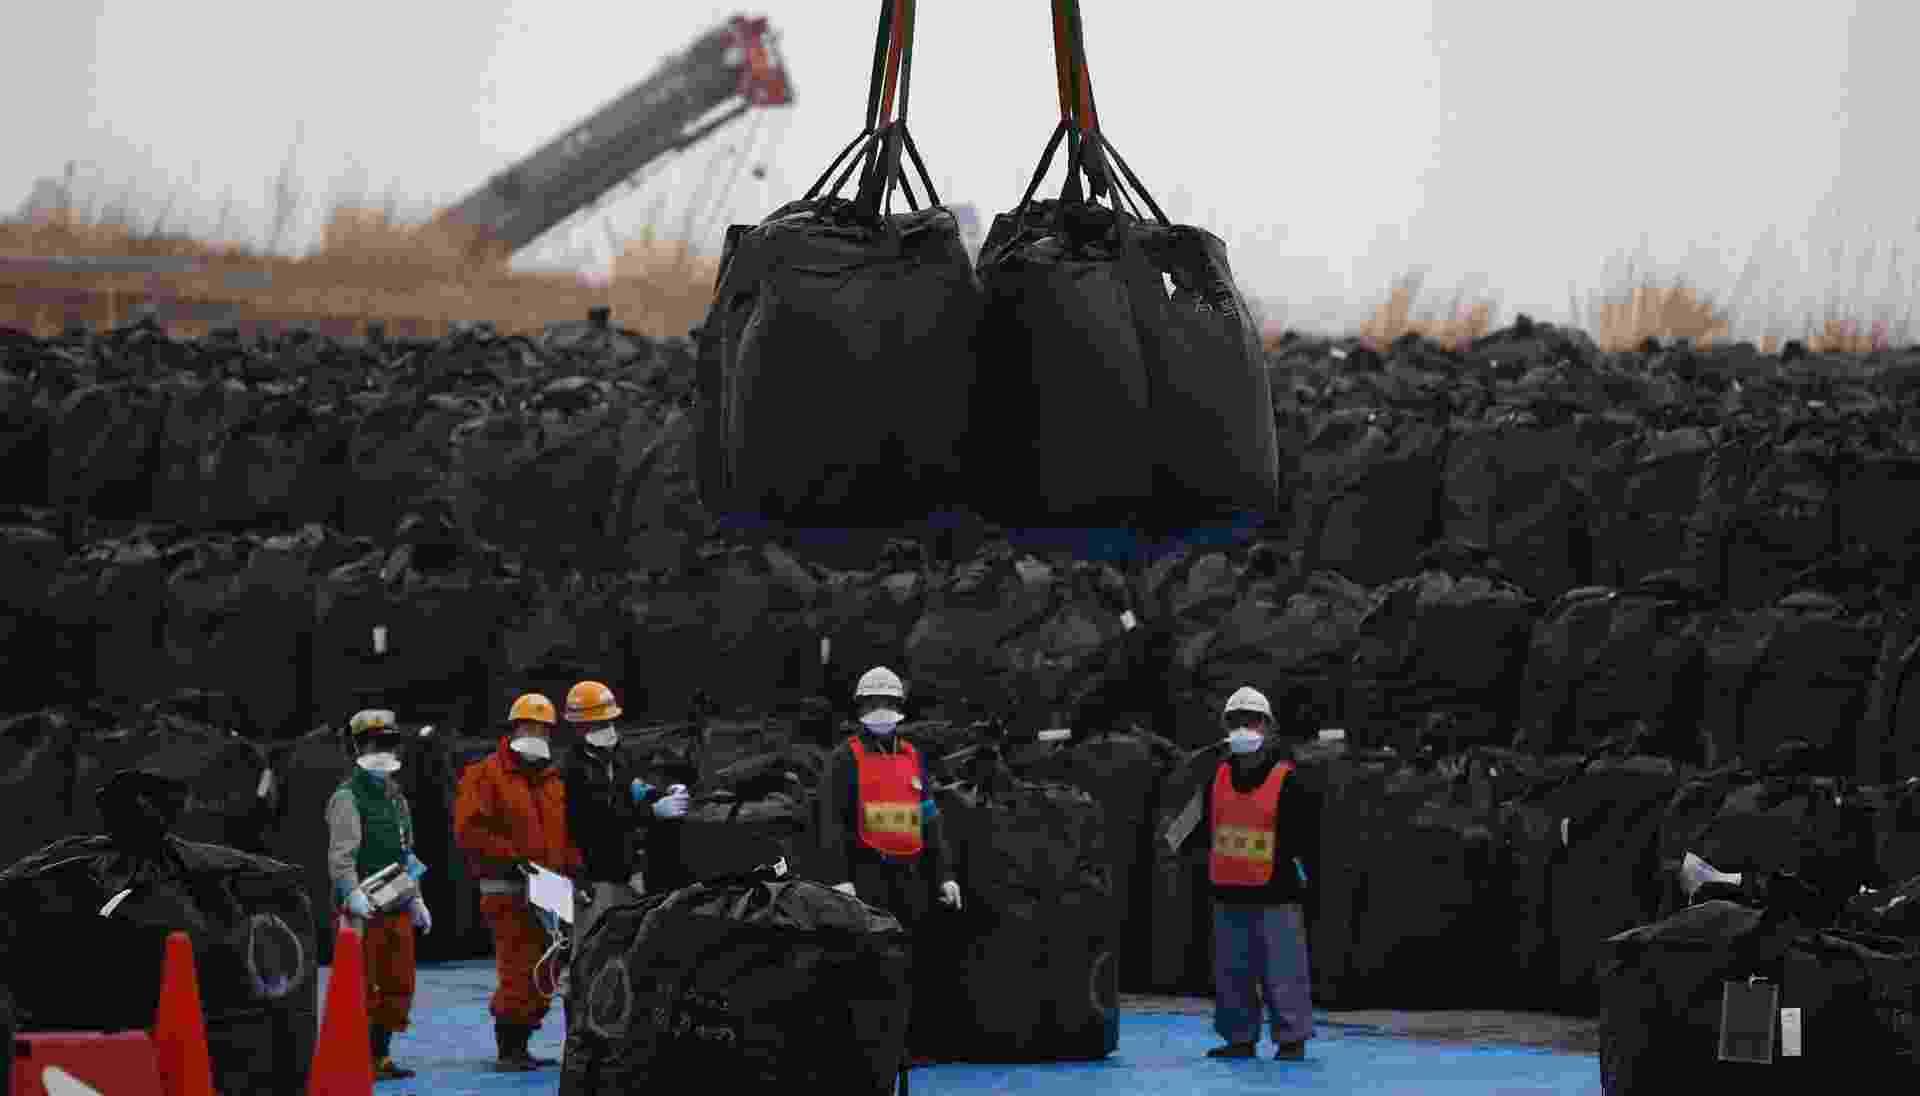 11.mar.2015 - Funcionários movimentam grandes sacos plásticos contendo terra, folhas e escombros da operação de descontaminação no centro temporário de armazenamento em Tomioka, cidade da região de Fukushima, perto da usina nuclear. Muitos moradores de Okuma, outra cidade próxima, reclamam do plano do governo do Japão de lançar cerca de 30 milhões de toneladas de escombros radioativos perto de suas casas, não acreditando na promessa do governo de Tóquio de limpar e fechar o local após 30 anos - Toru Hanai/Reuters